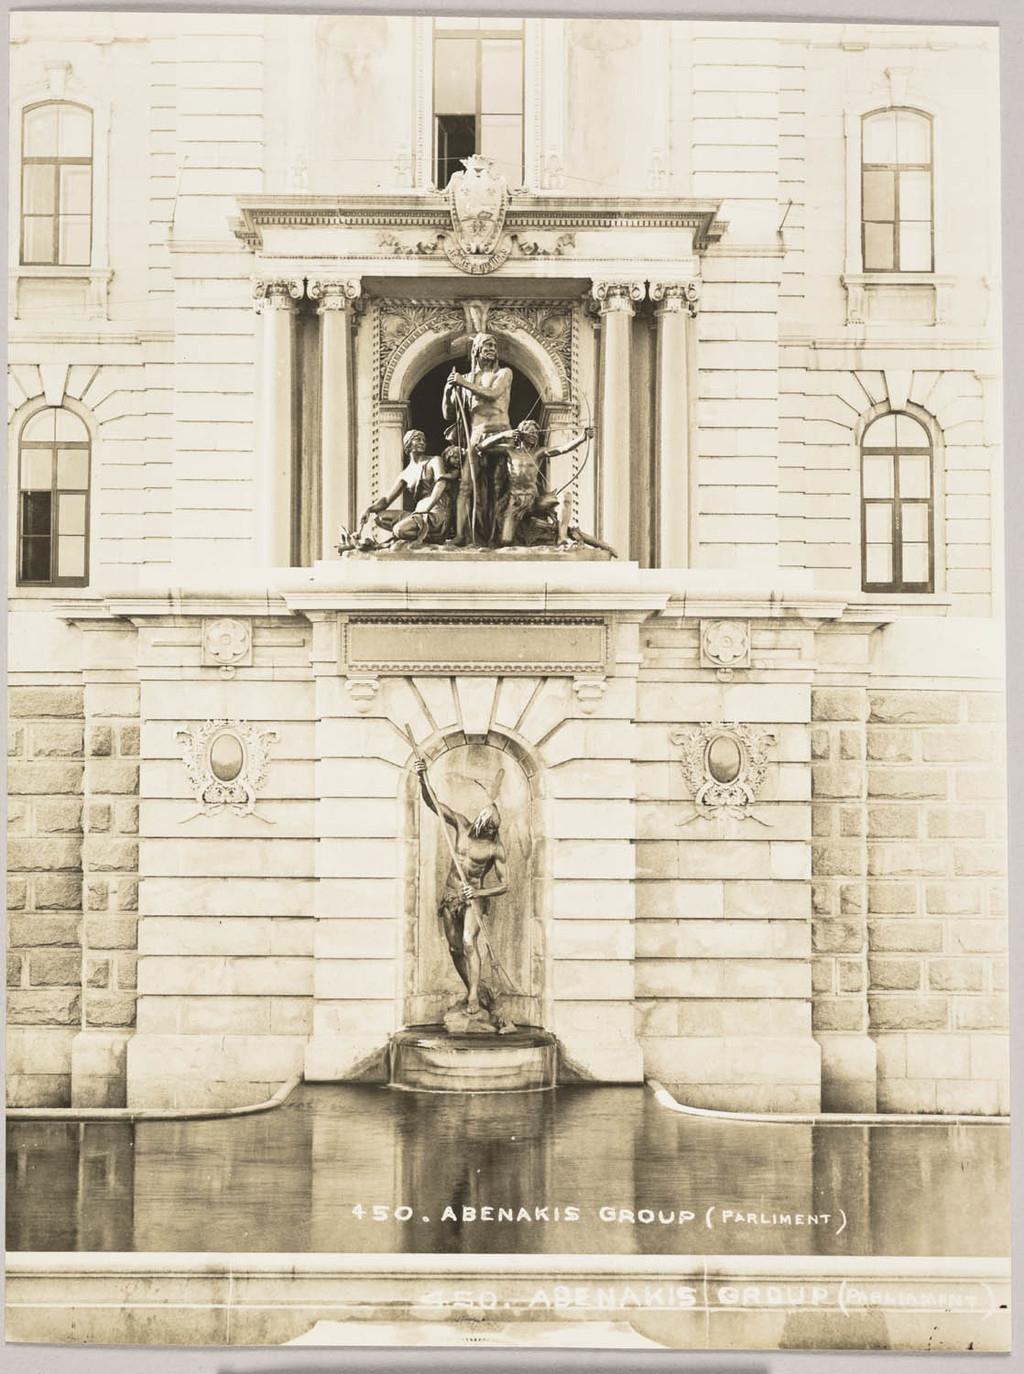 La Fontaine de l'hôtel du Parlement de Québec